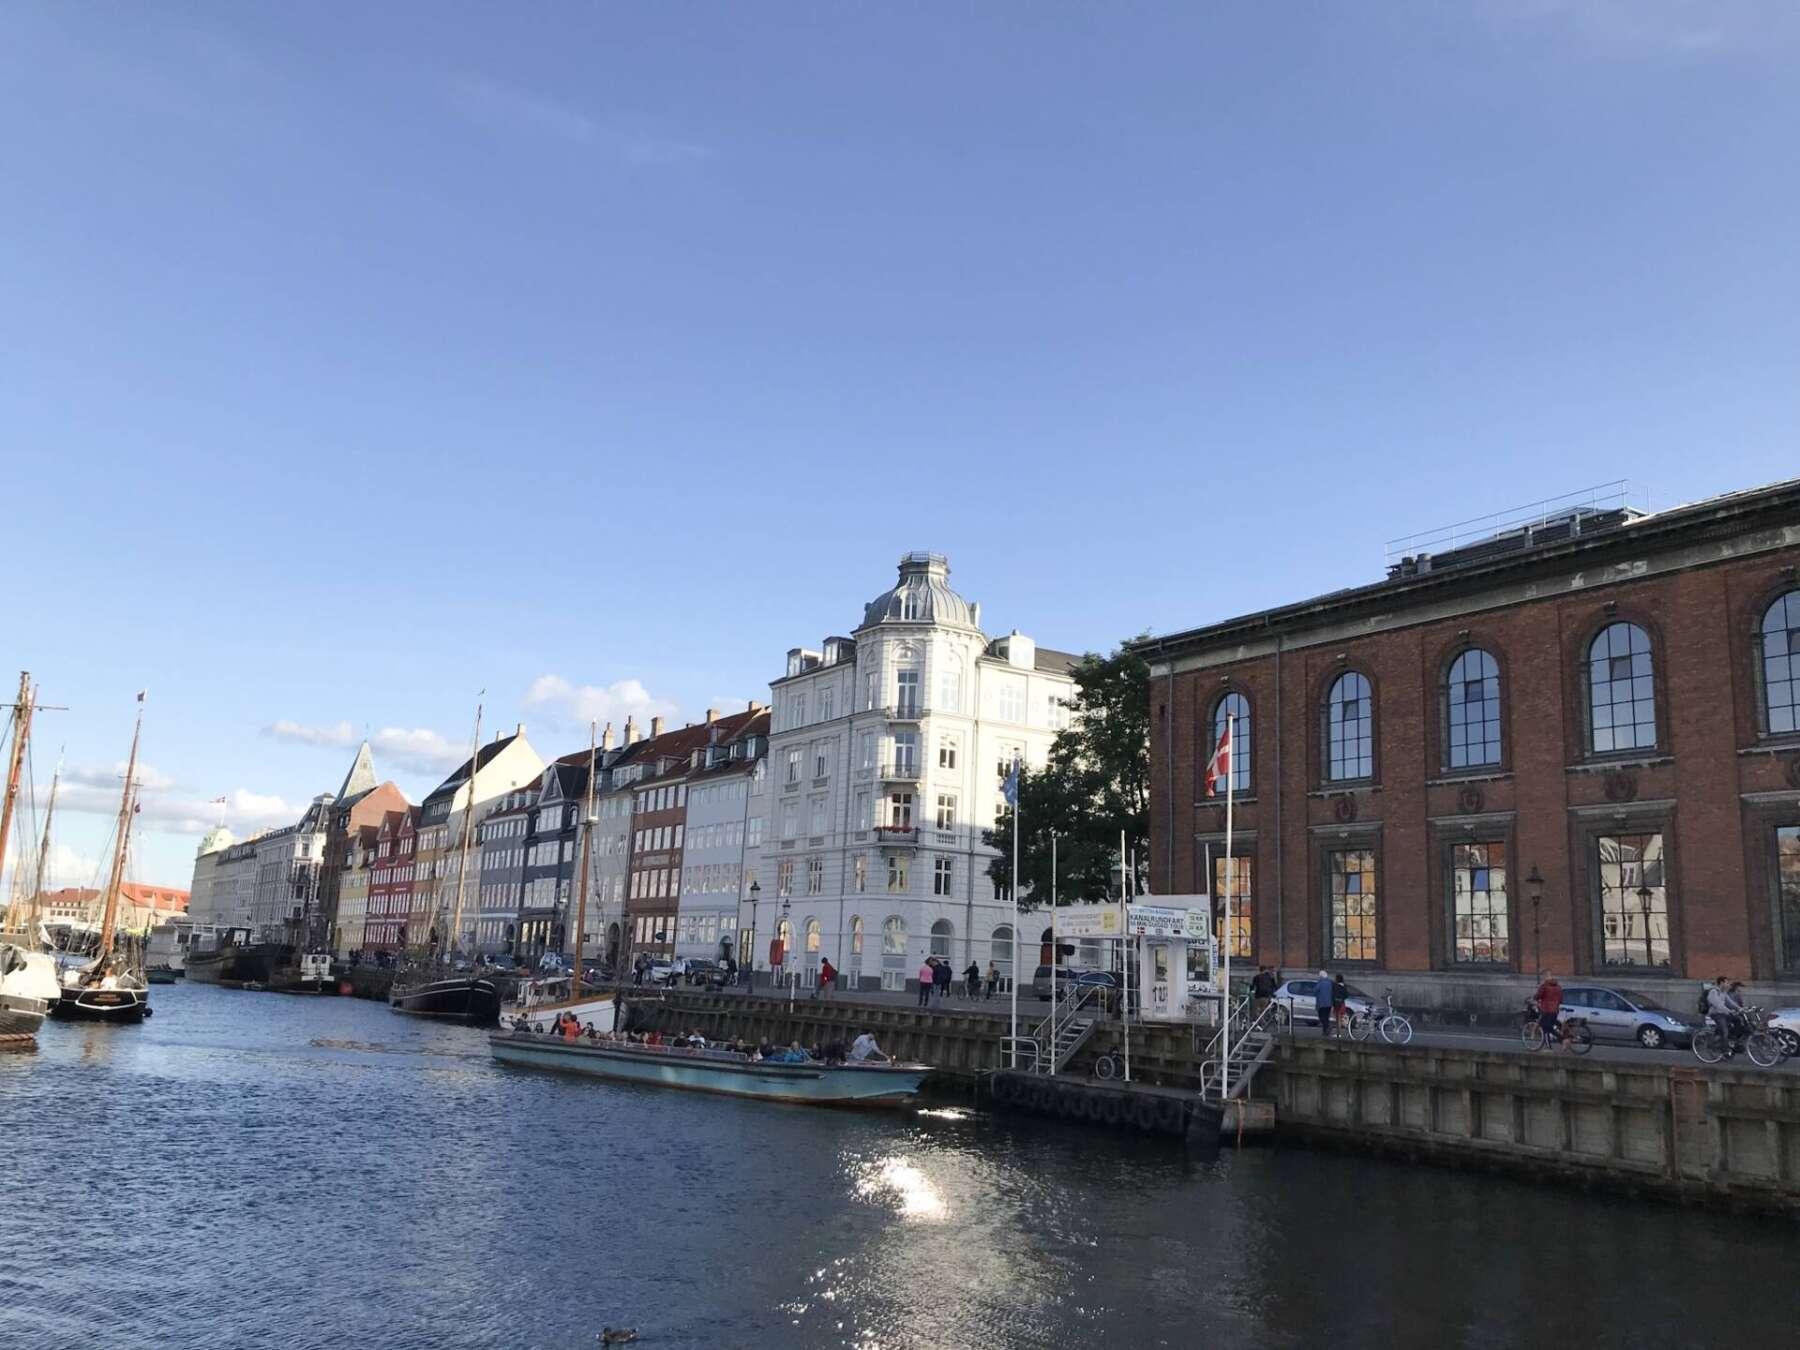 ท่าเรือนูฮาวน์ (Nyhavn)